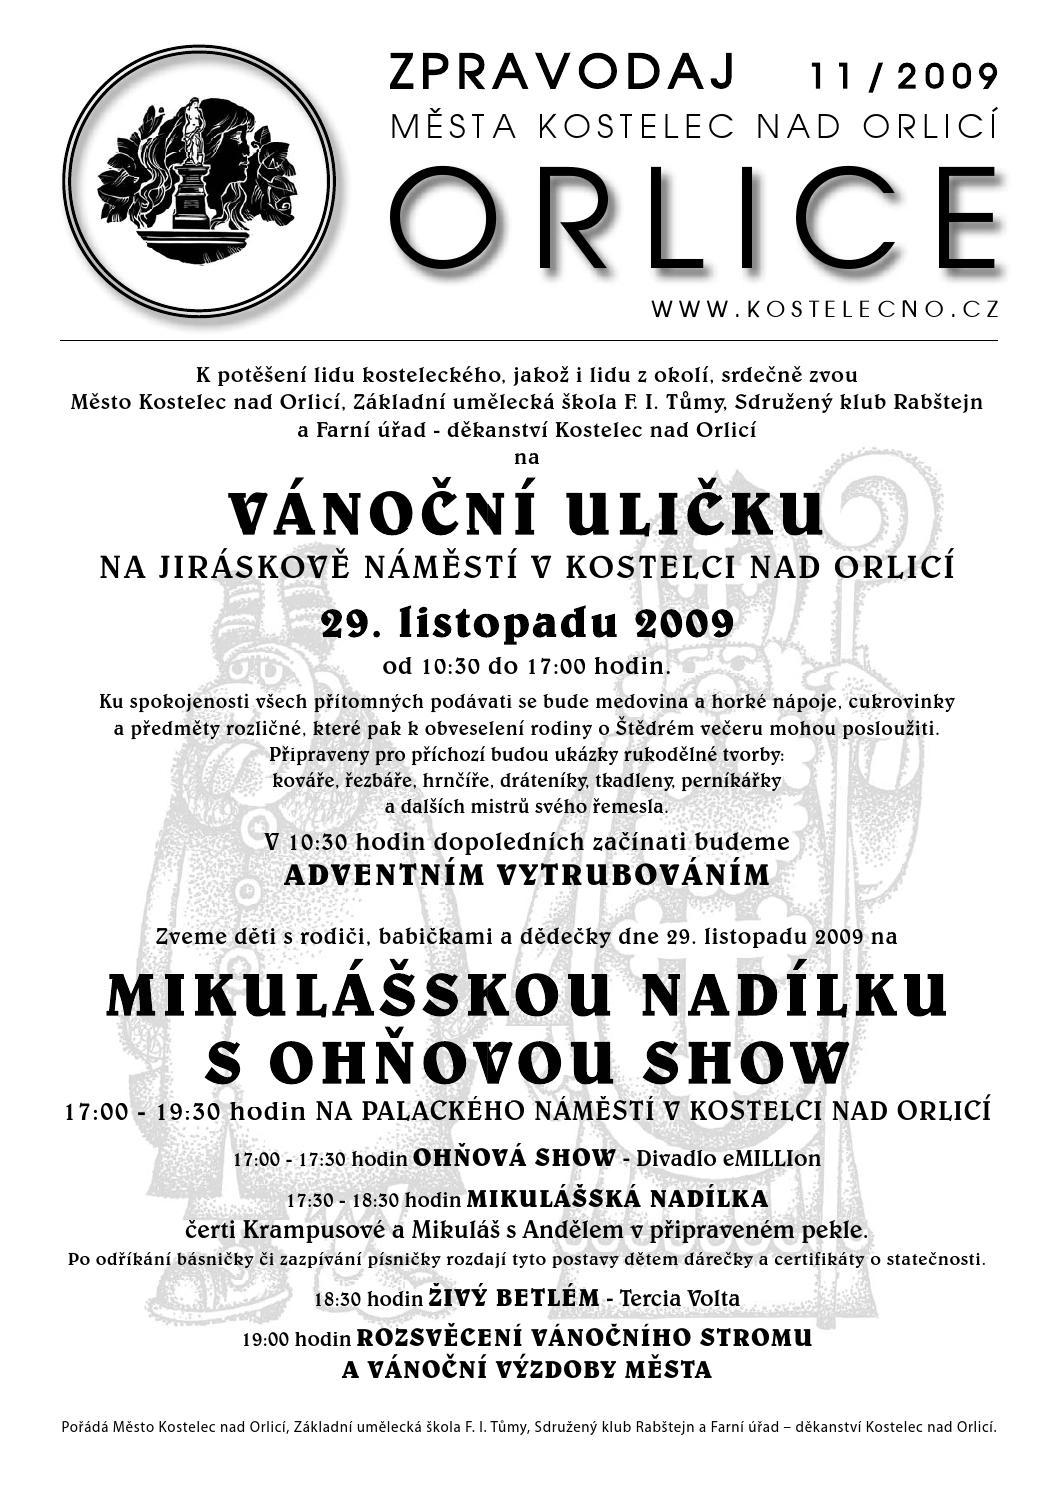 ance pro lsku - seznamovac agentura pro Brno a okol